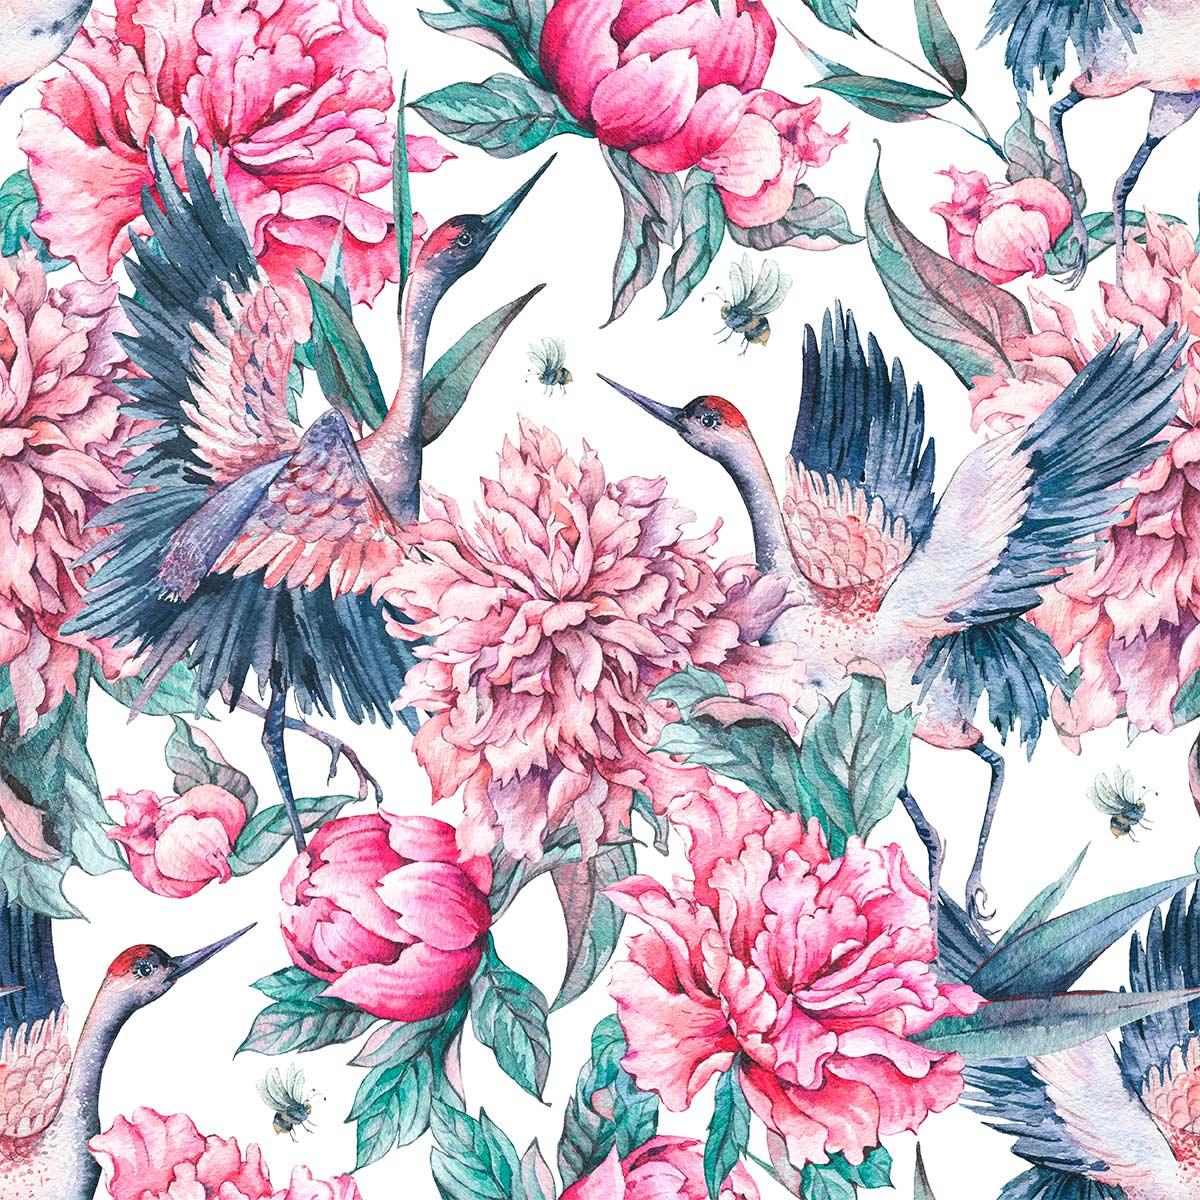 Papel de Parede Floral Rosas Folhas Aves Tropical Adesivo